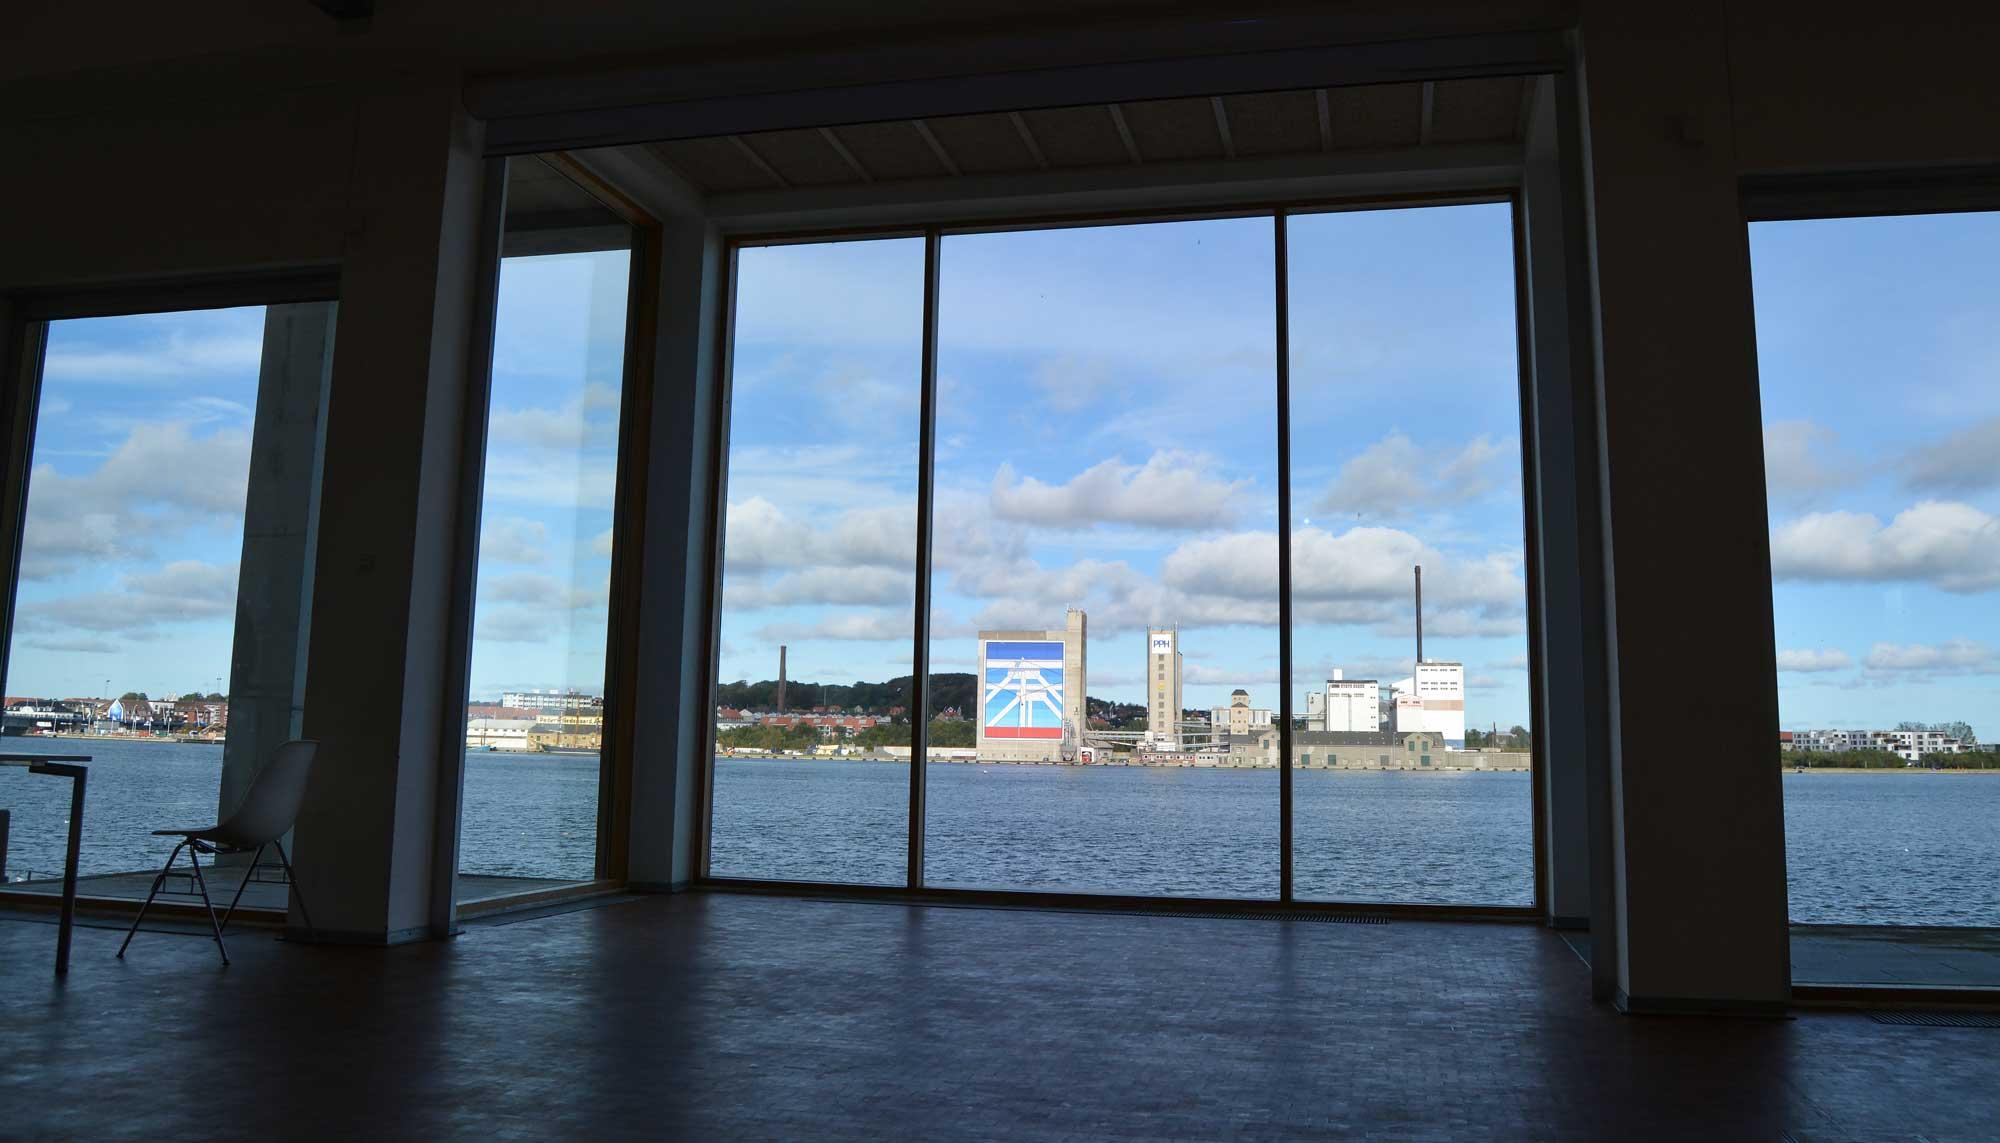 Vinterfestival starter på torsdag: Kom til koncert under jorden og ved fjorden